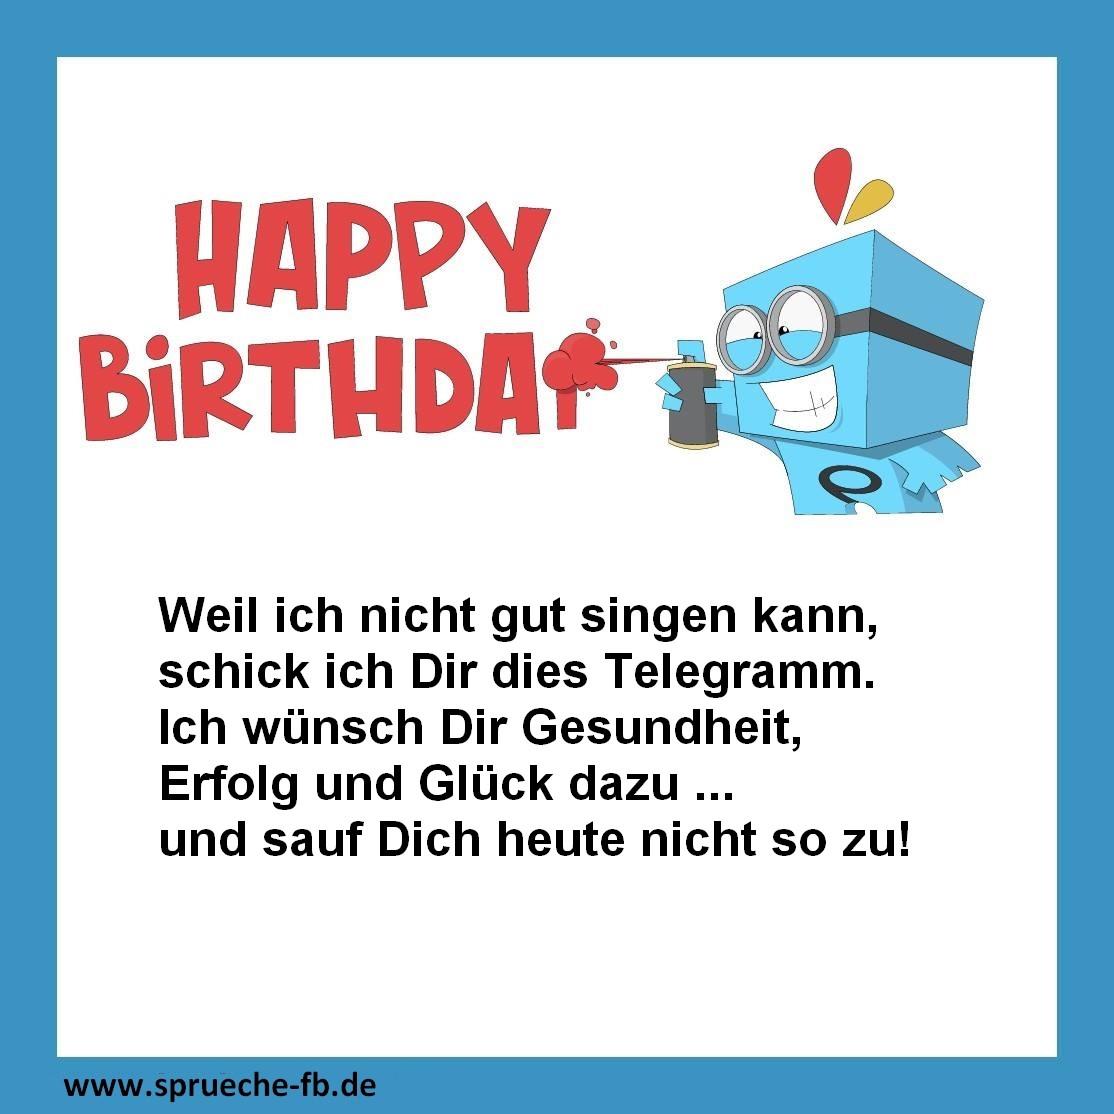 Sms Geburtstagswünsche  geburtstags sms sprüche bilder sms sprüche guten morgen